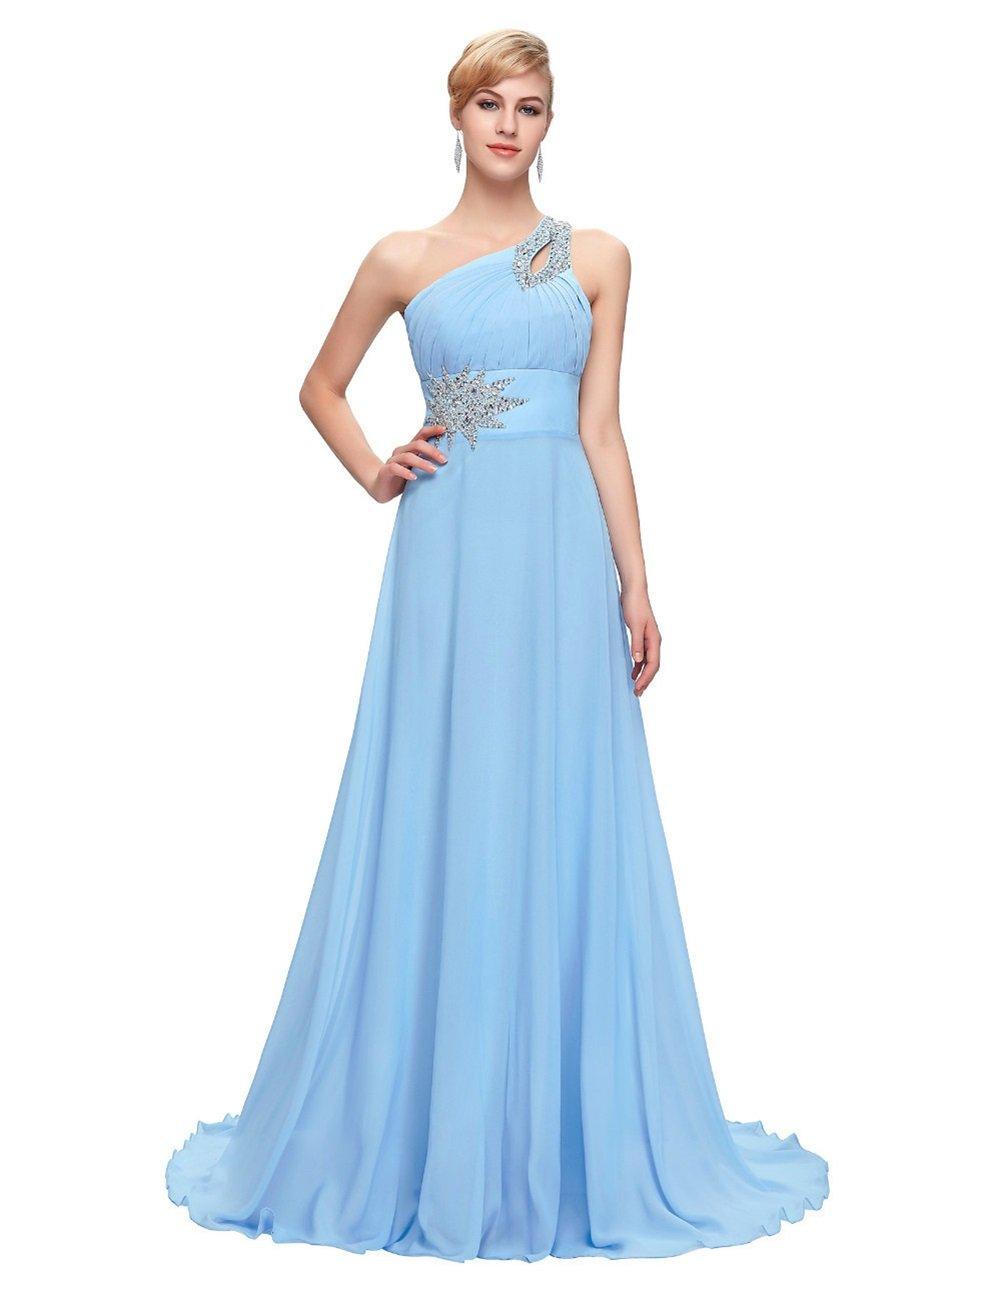 女性の新しいワンショルダーイブニングドレス、花嫁のトーストスーツ、花嫁介添人のドレス、宴会のホストイブニングドレス B07FM4DHKX S|3 3 S